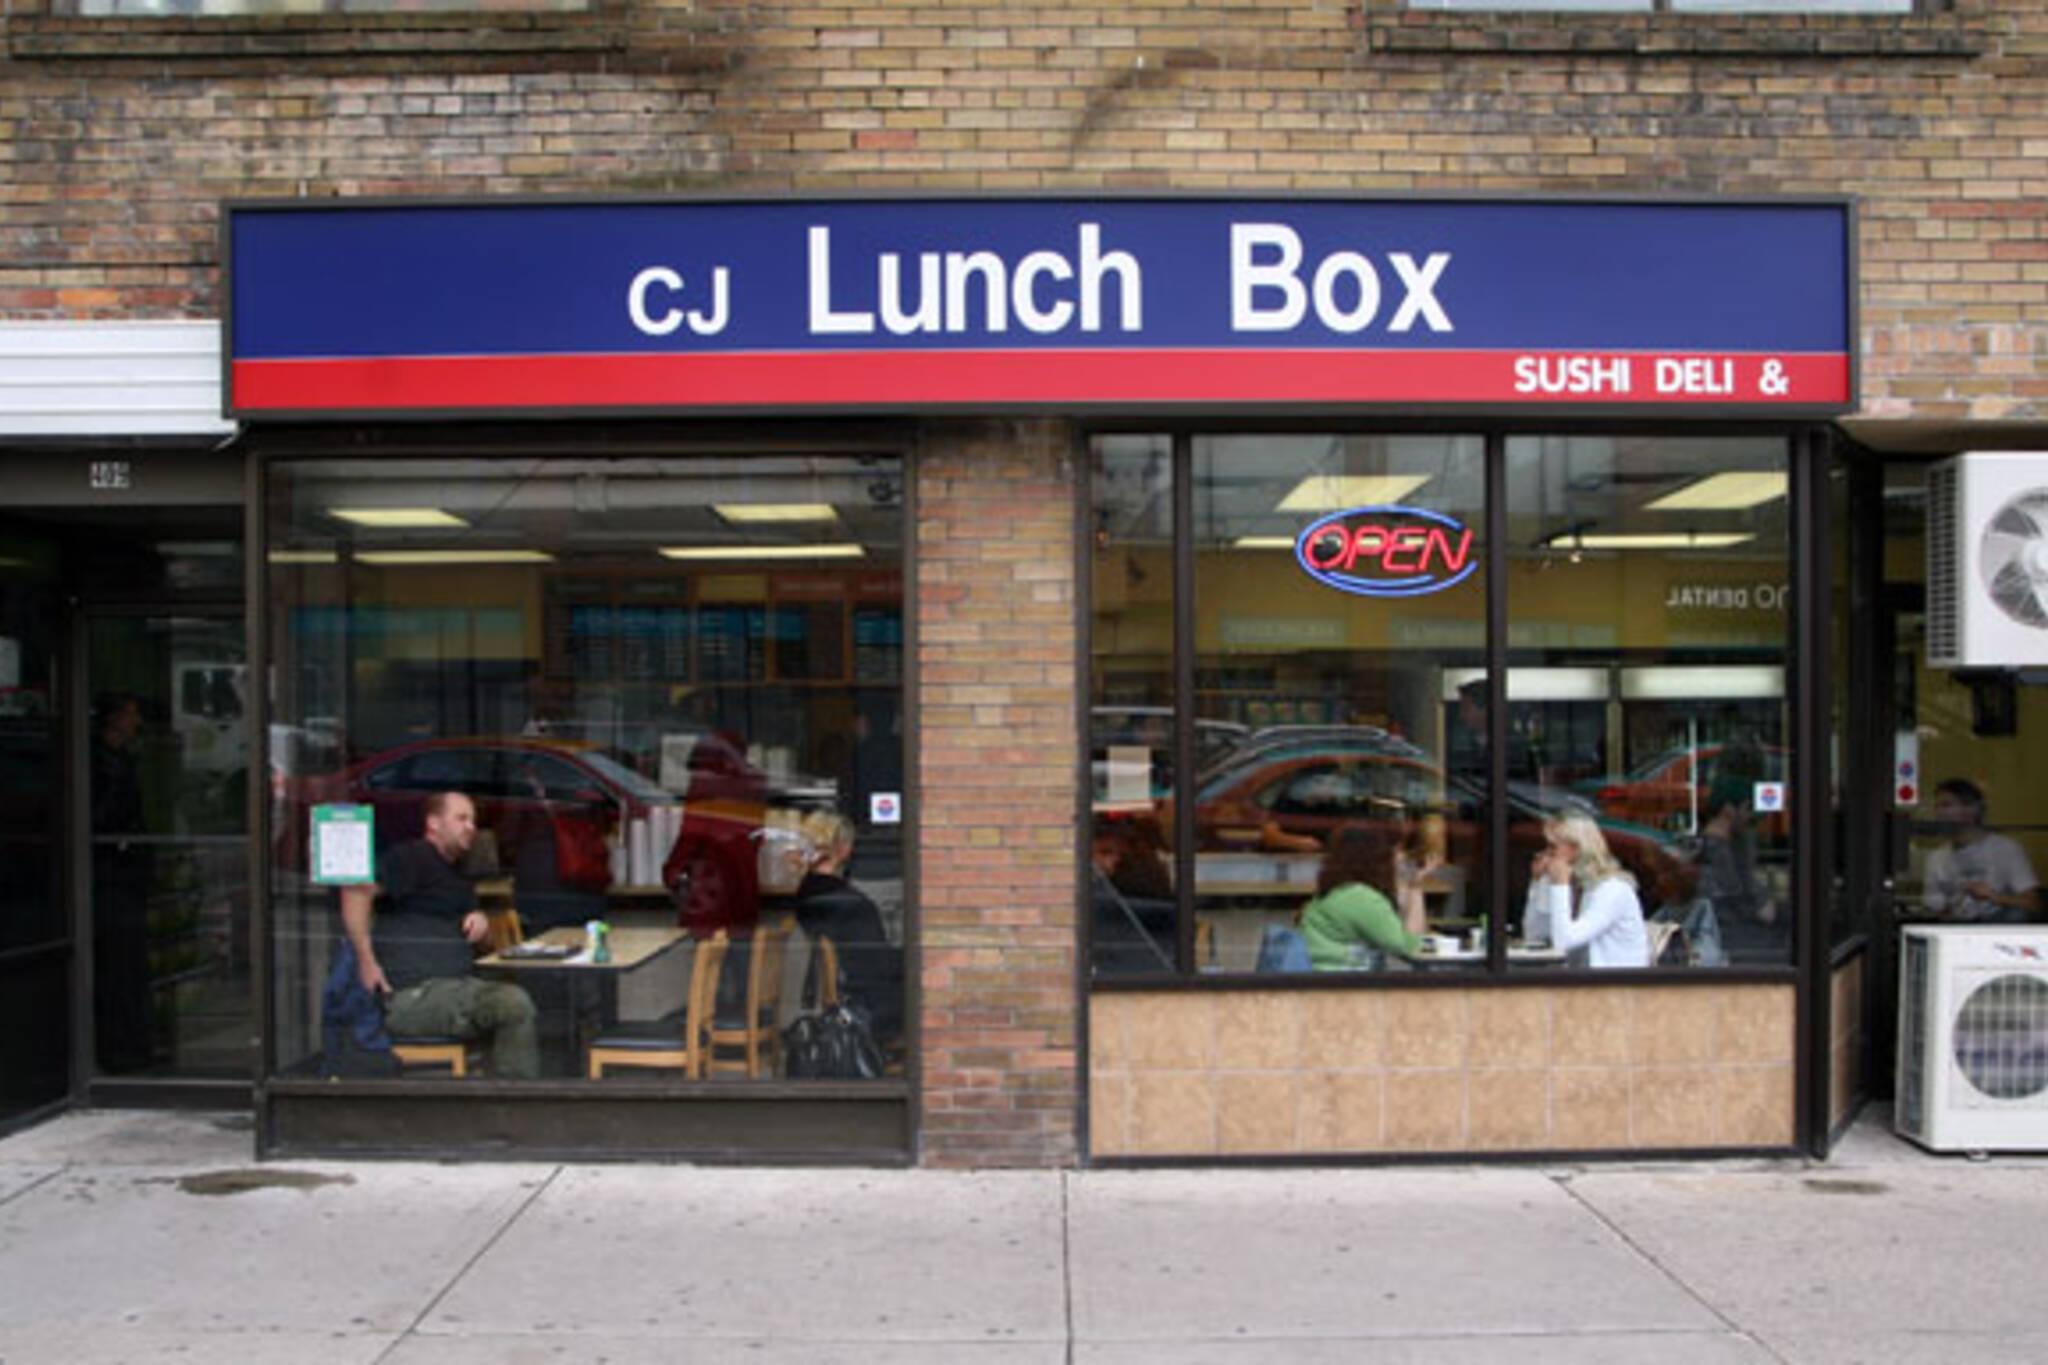 CJ Lunch Box